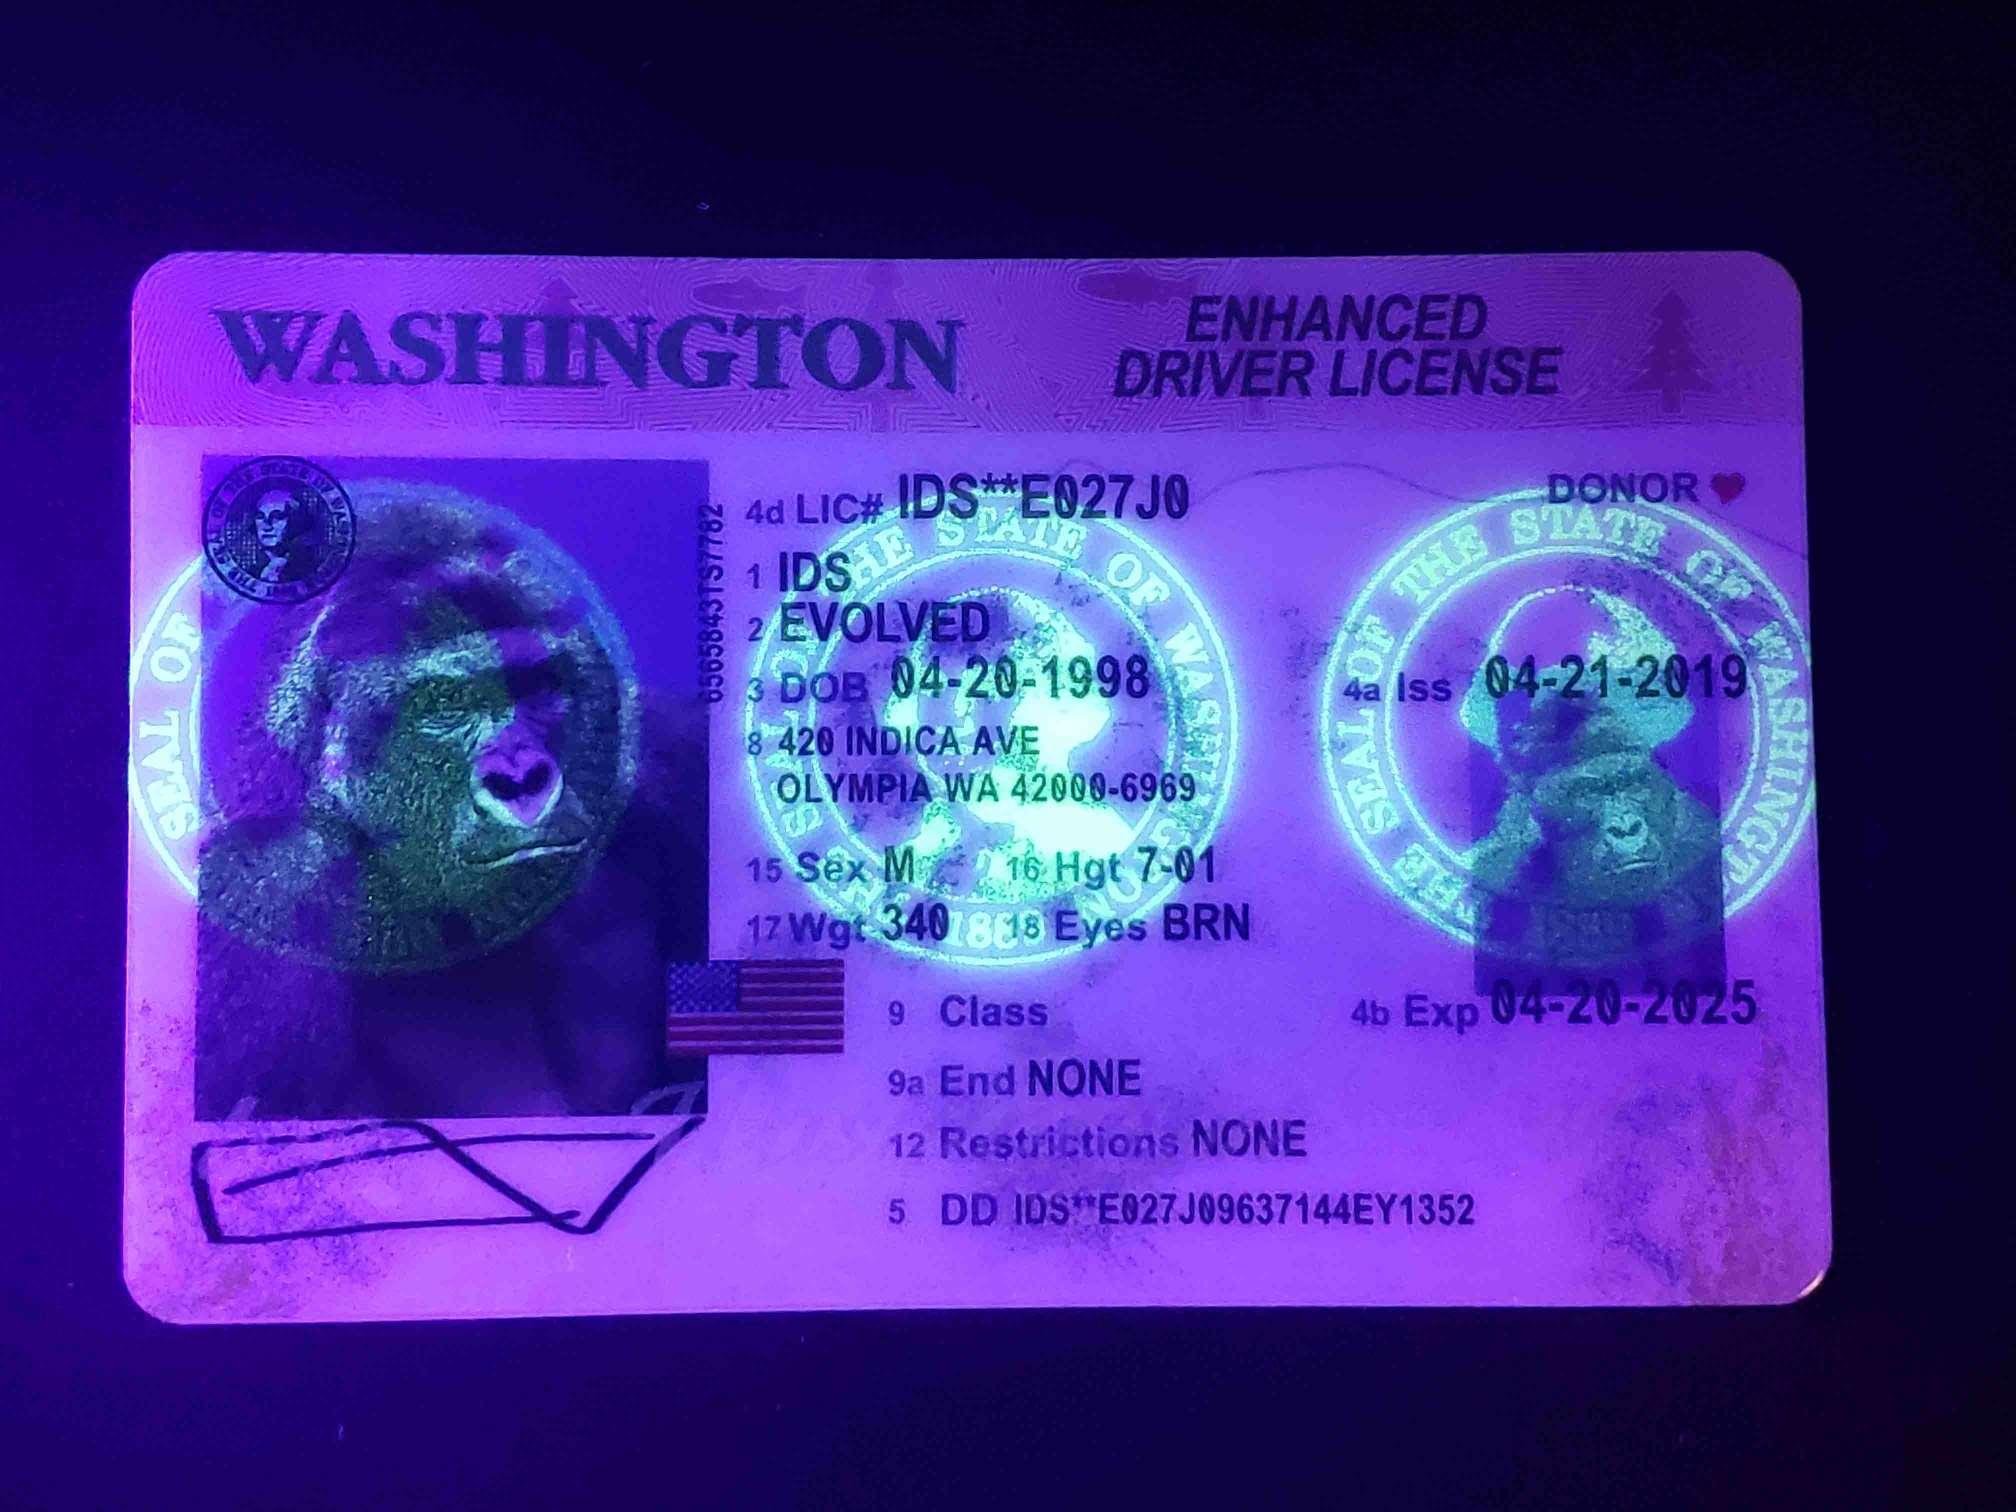 Washington EDL Fake ID UV